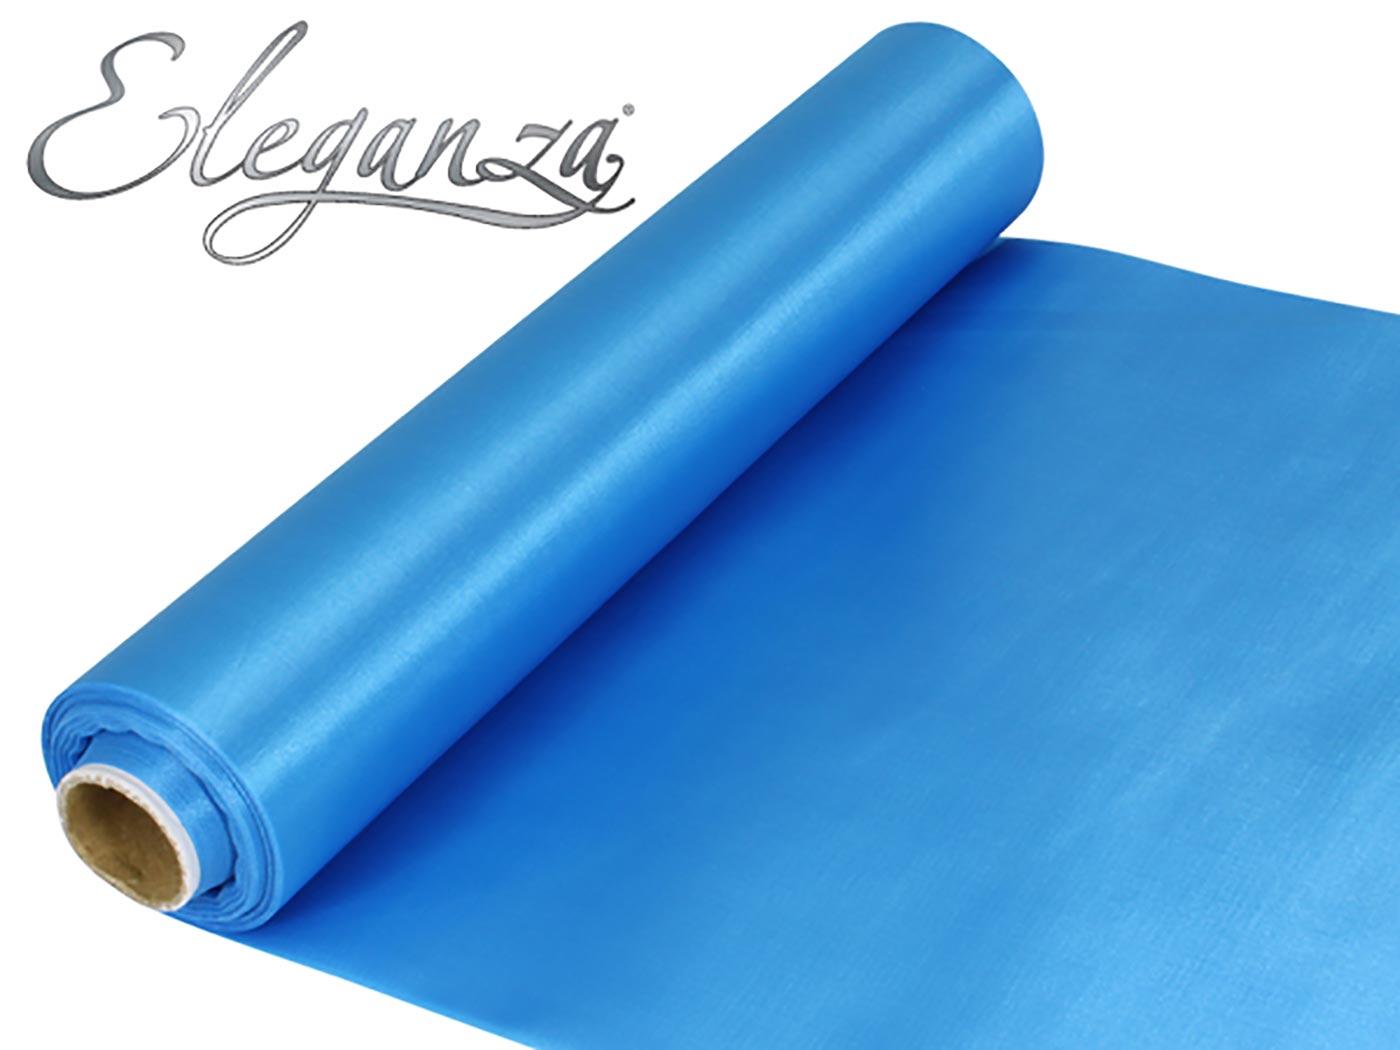 Eleganza Satin Fabric 29cm x 20m Turquoise